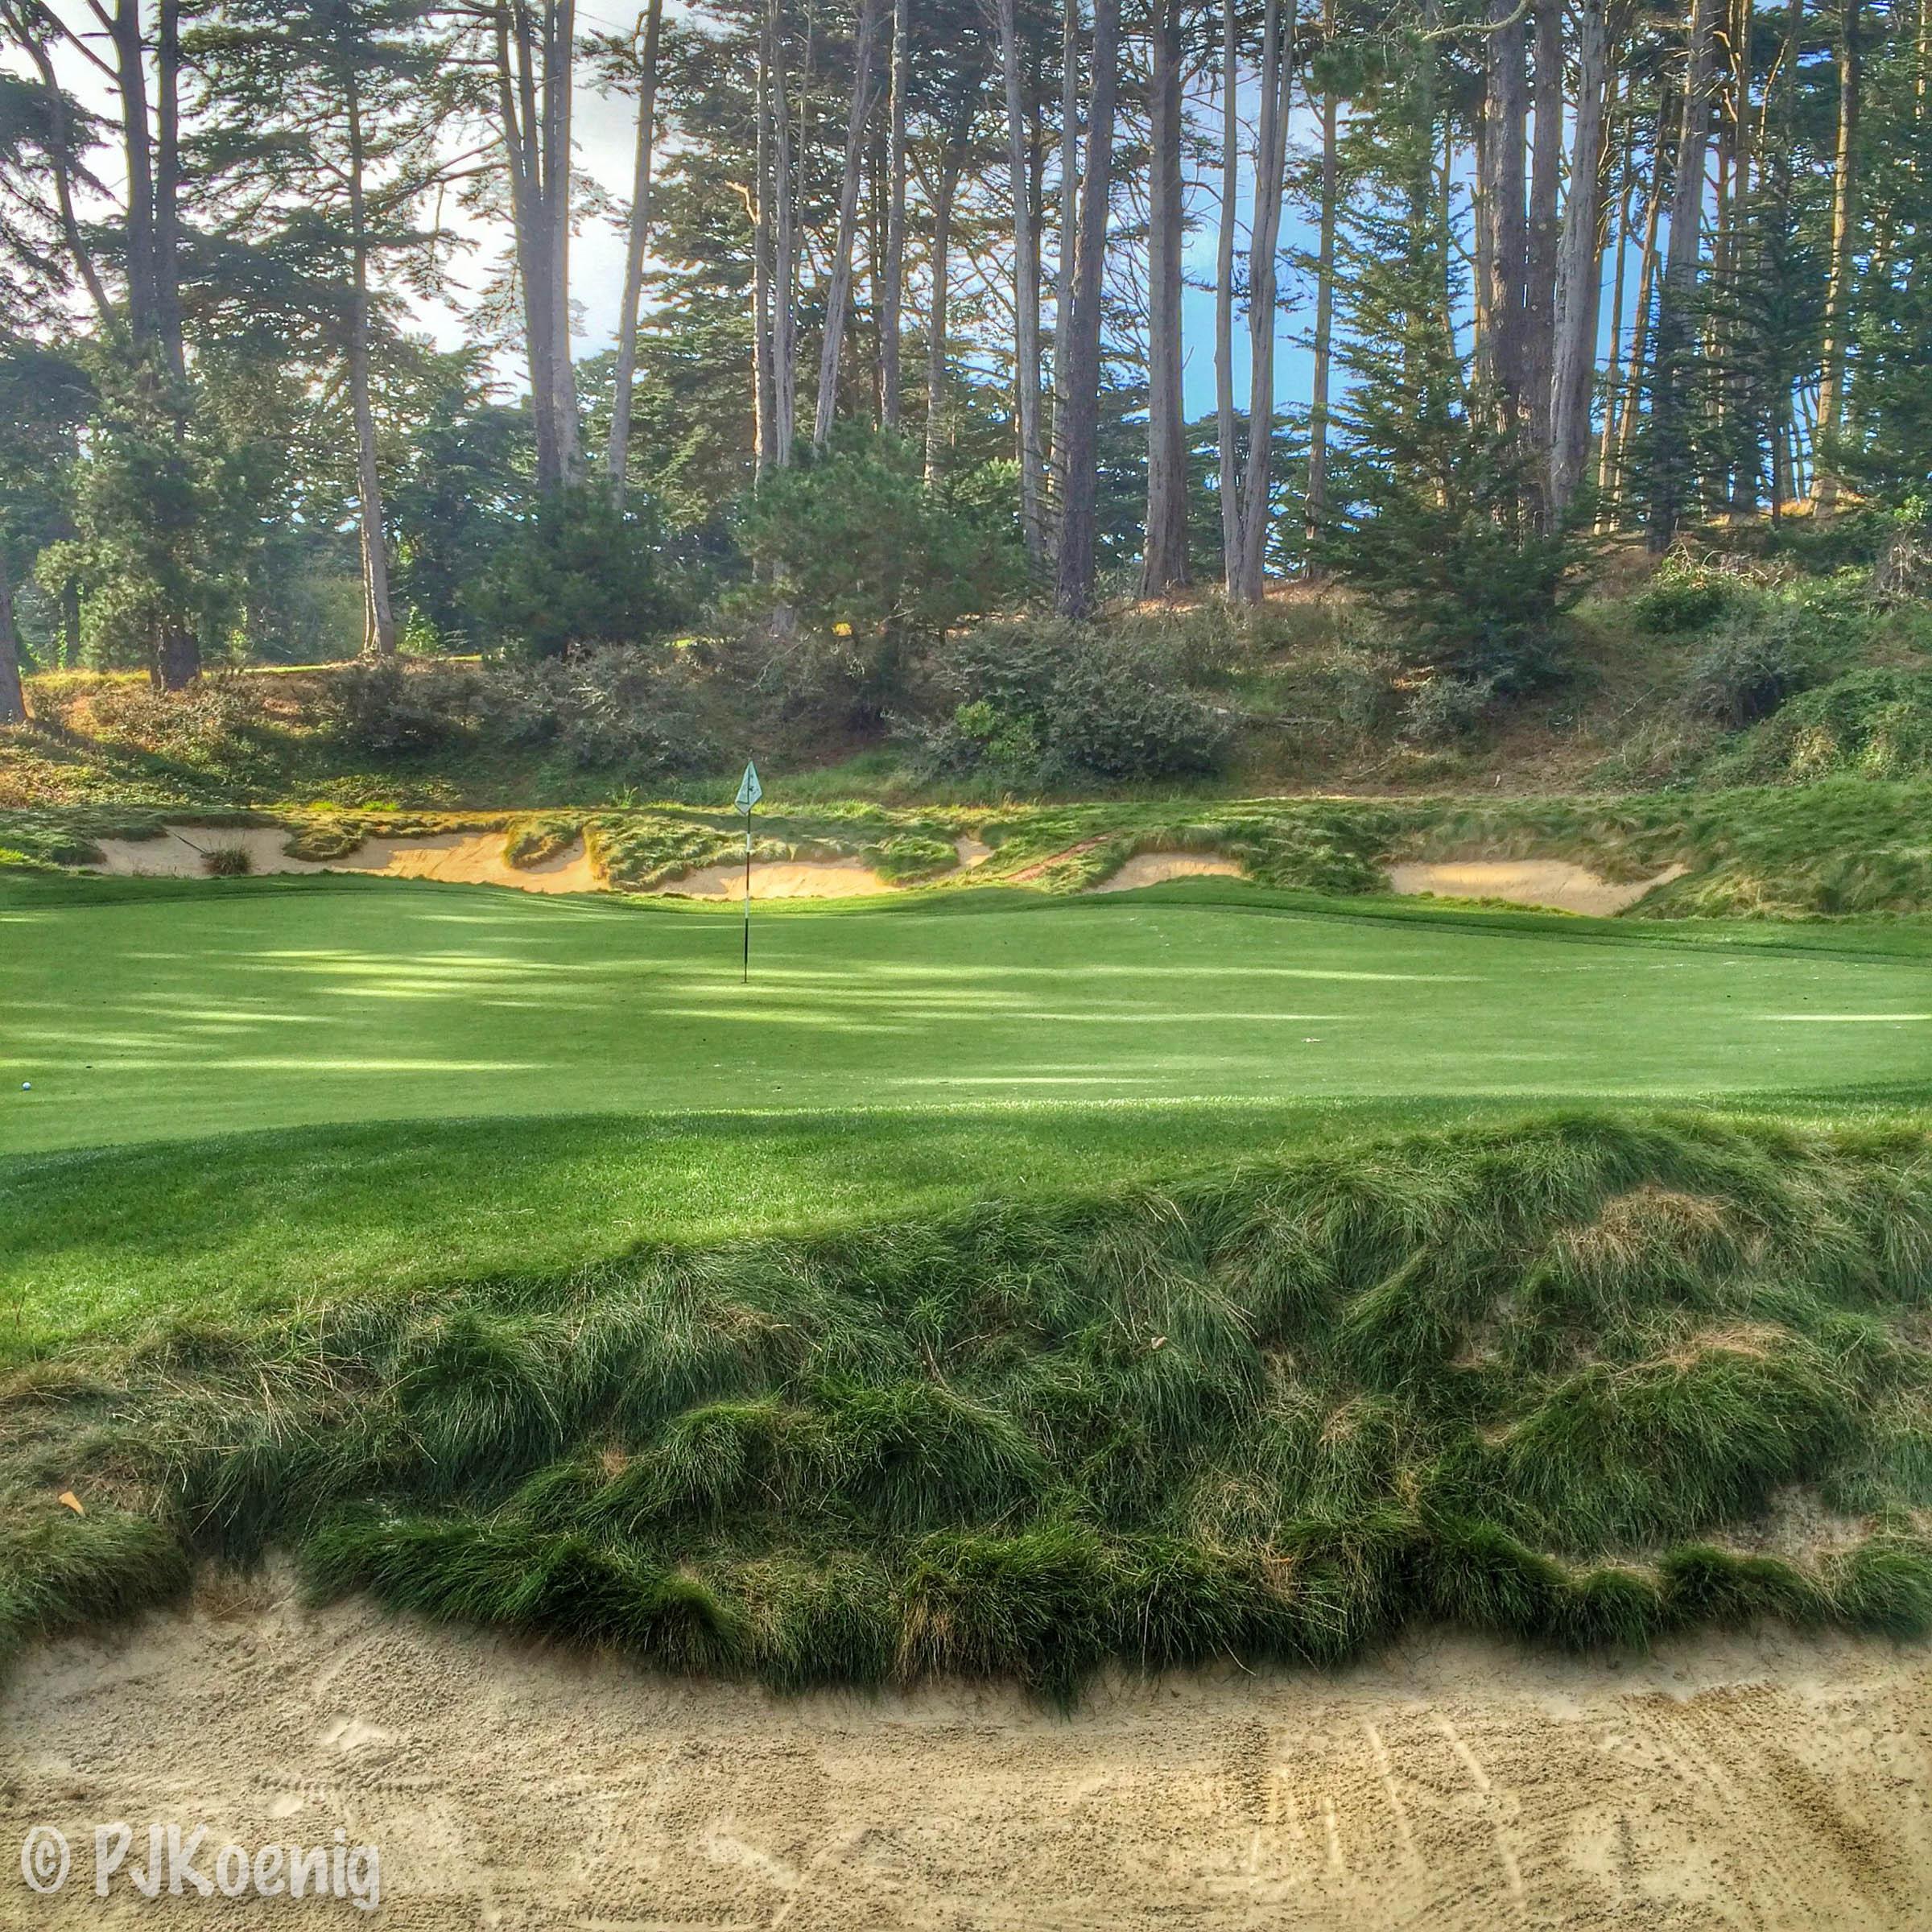 Presidio Golf Club - San Francisco, CA